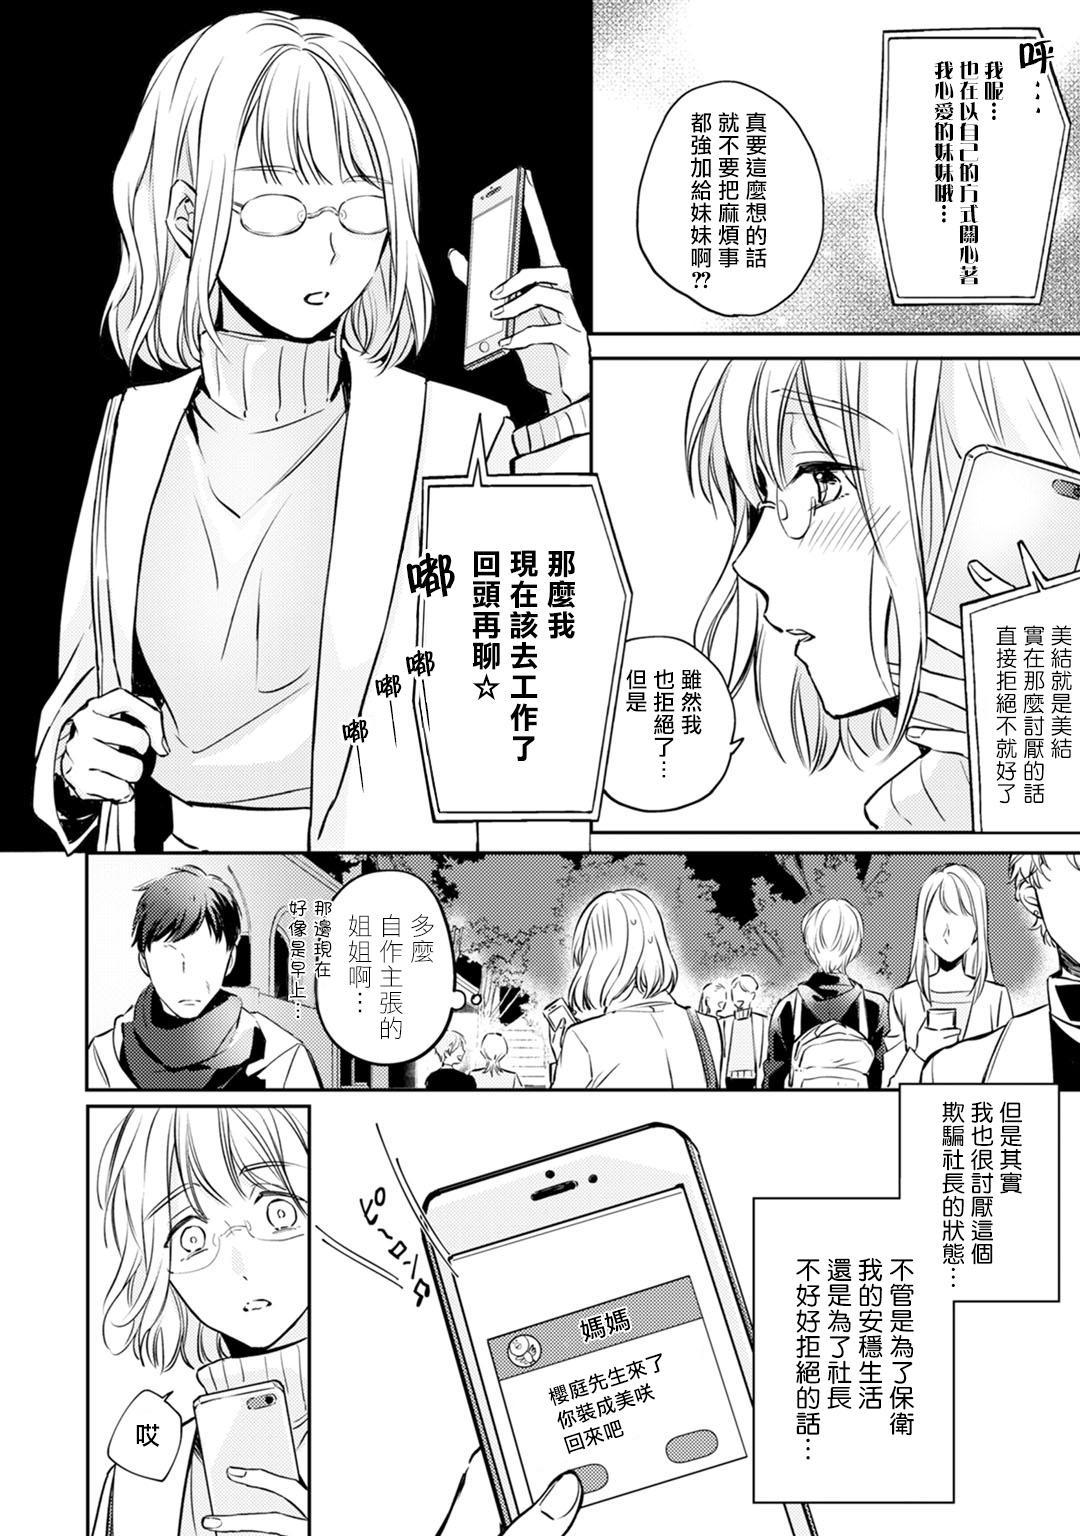 [Shichigatsu Motomi]  Sonna Kao shite, Sasotteru? ~Dekiai Shachou to Migawari Omiaikekkon!?~ 1-11  這種表情,在誘惑我嗎?~溺愛社長和替身相親結婚!? [Chinese] [拾荒者汉化组] 32